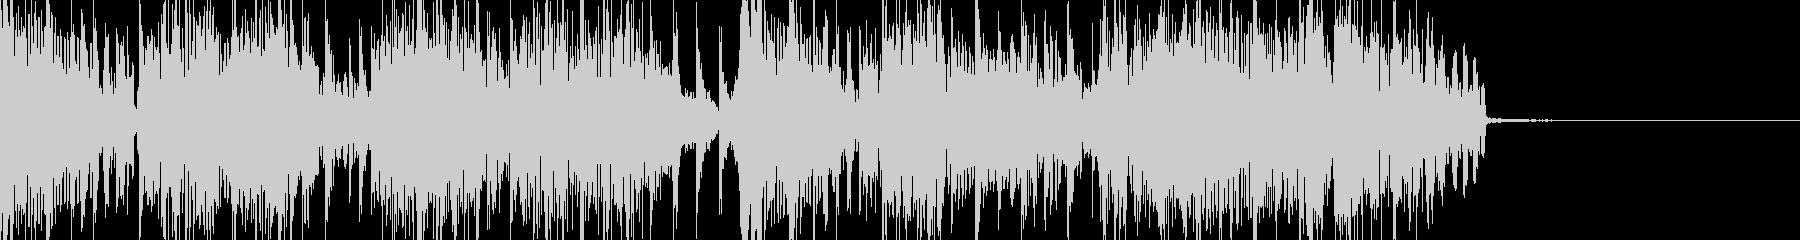 ジャズでドラムンベースなジングルの未再生の波形